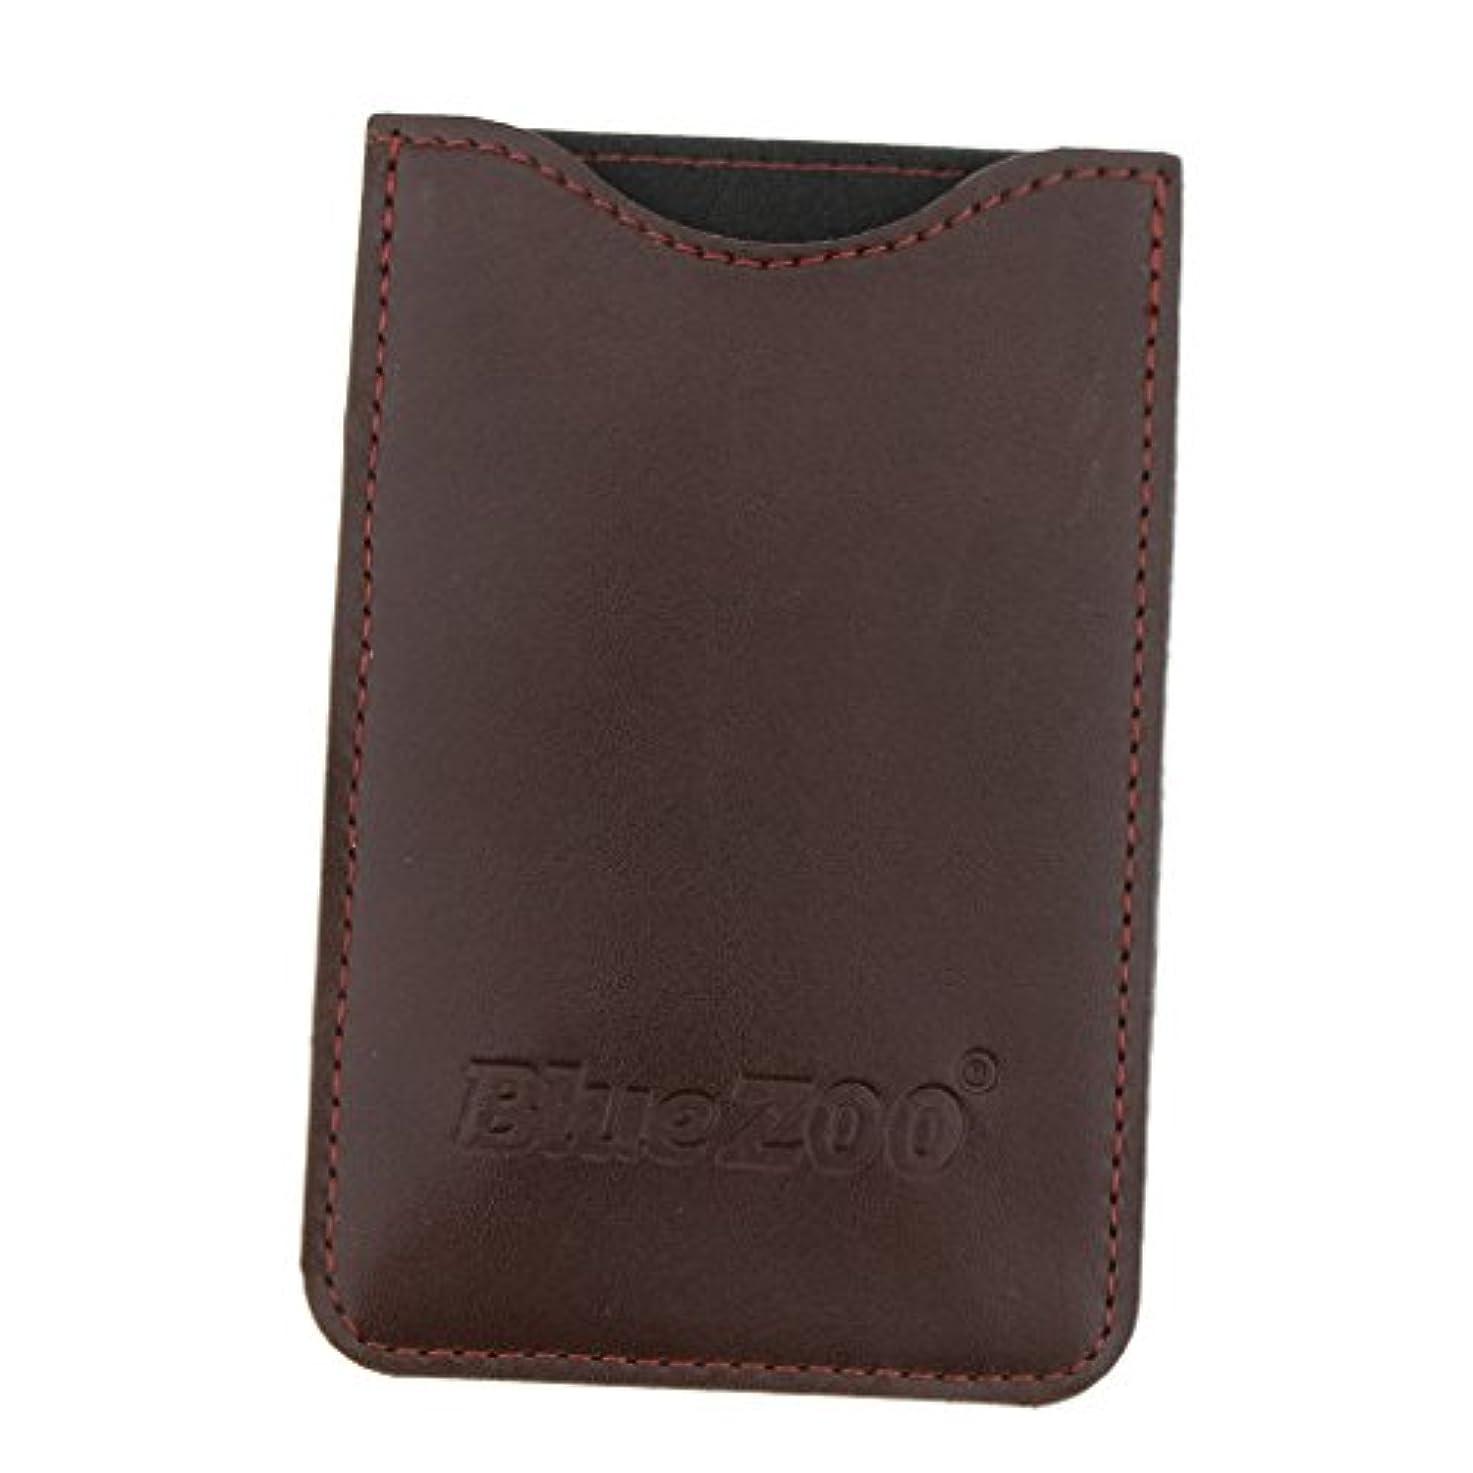 合計融合百万収納パック 収納ケース 保護カバー 櫛/名刺/IDカード/銀行カード 旅行 便利 全2色 - 褐色